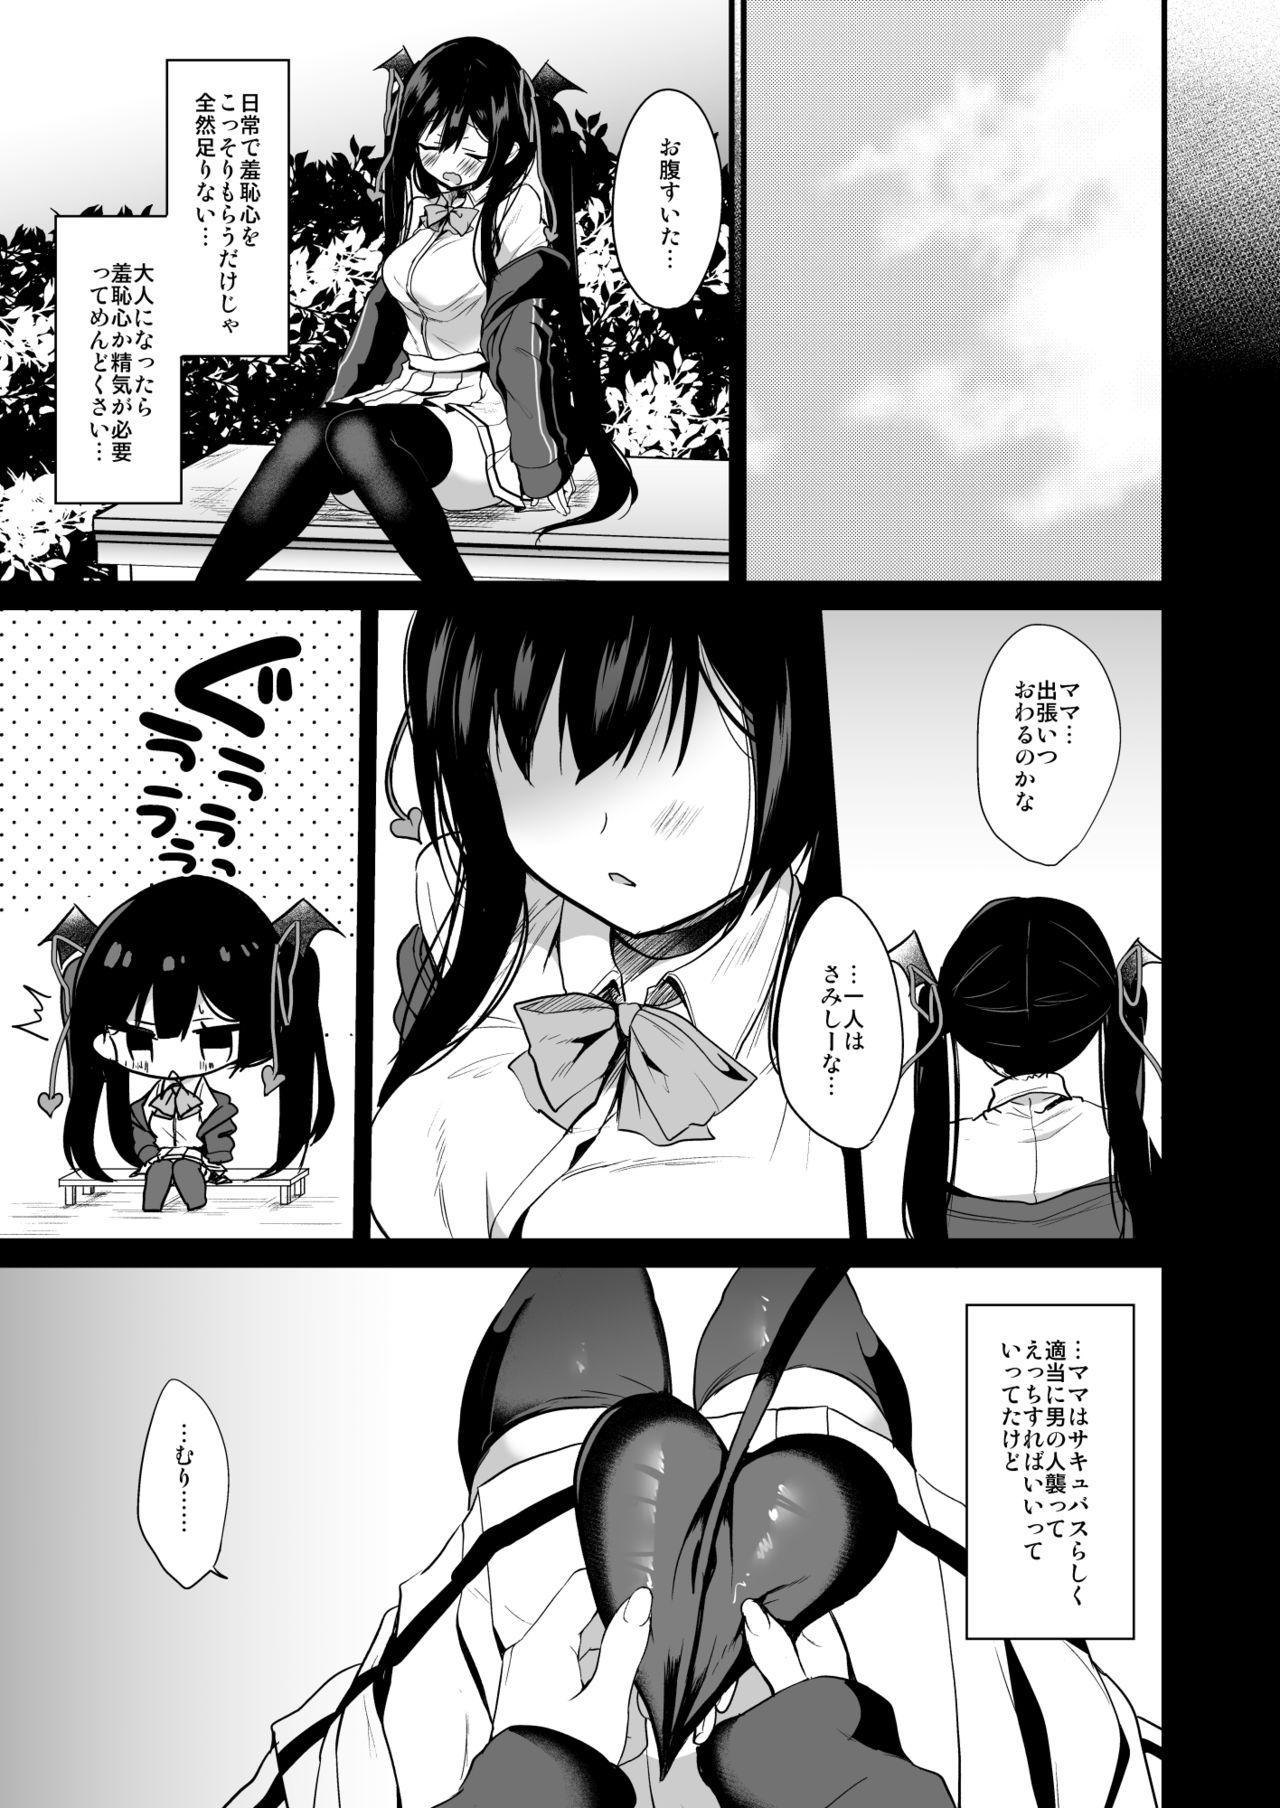 Koakuma-chan no Kougeki! 2 Doutei Itadakimasu Hen 24